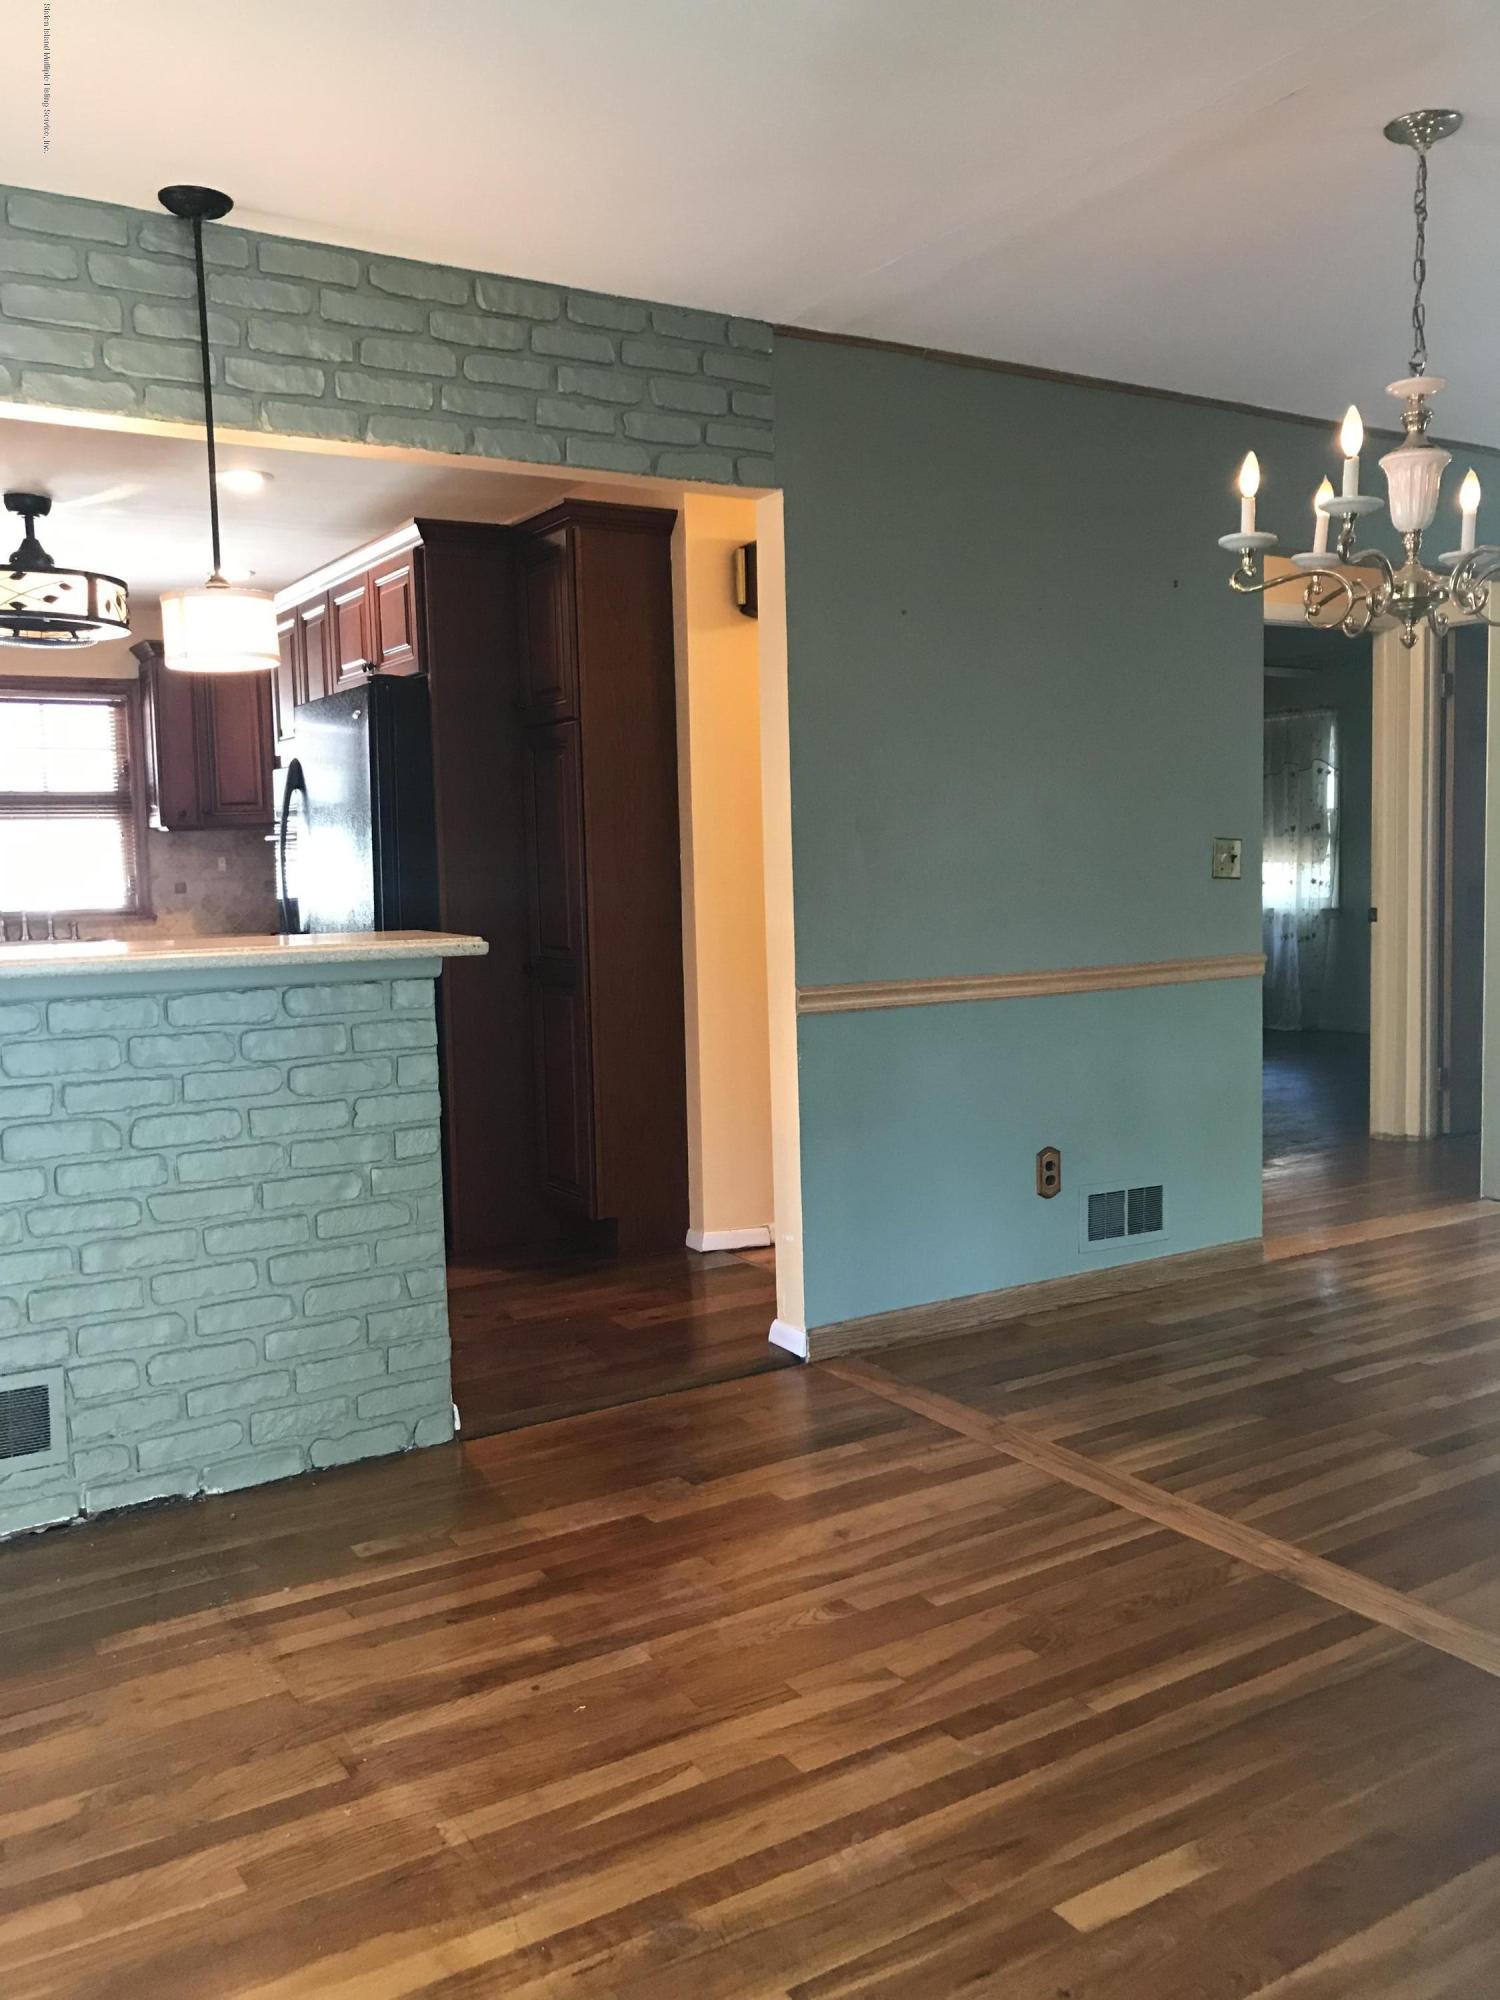 Single Family - Detached 88 Leverett Avenue  Staten Island, NY 10308, MLS-1131026-7